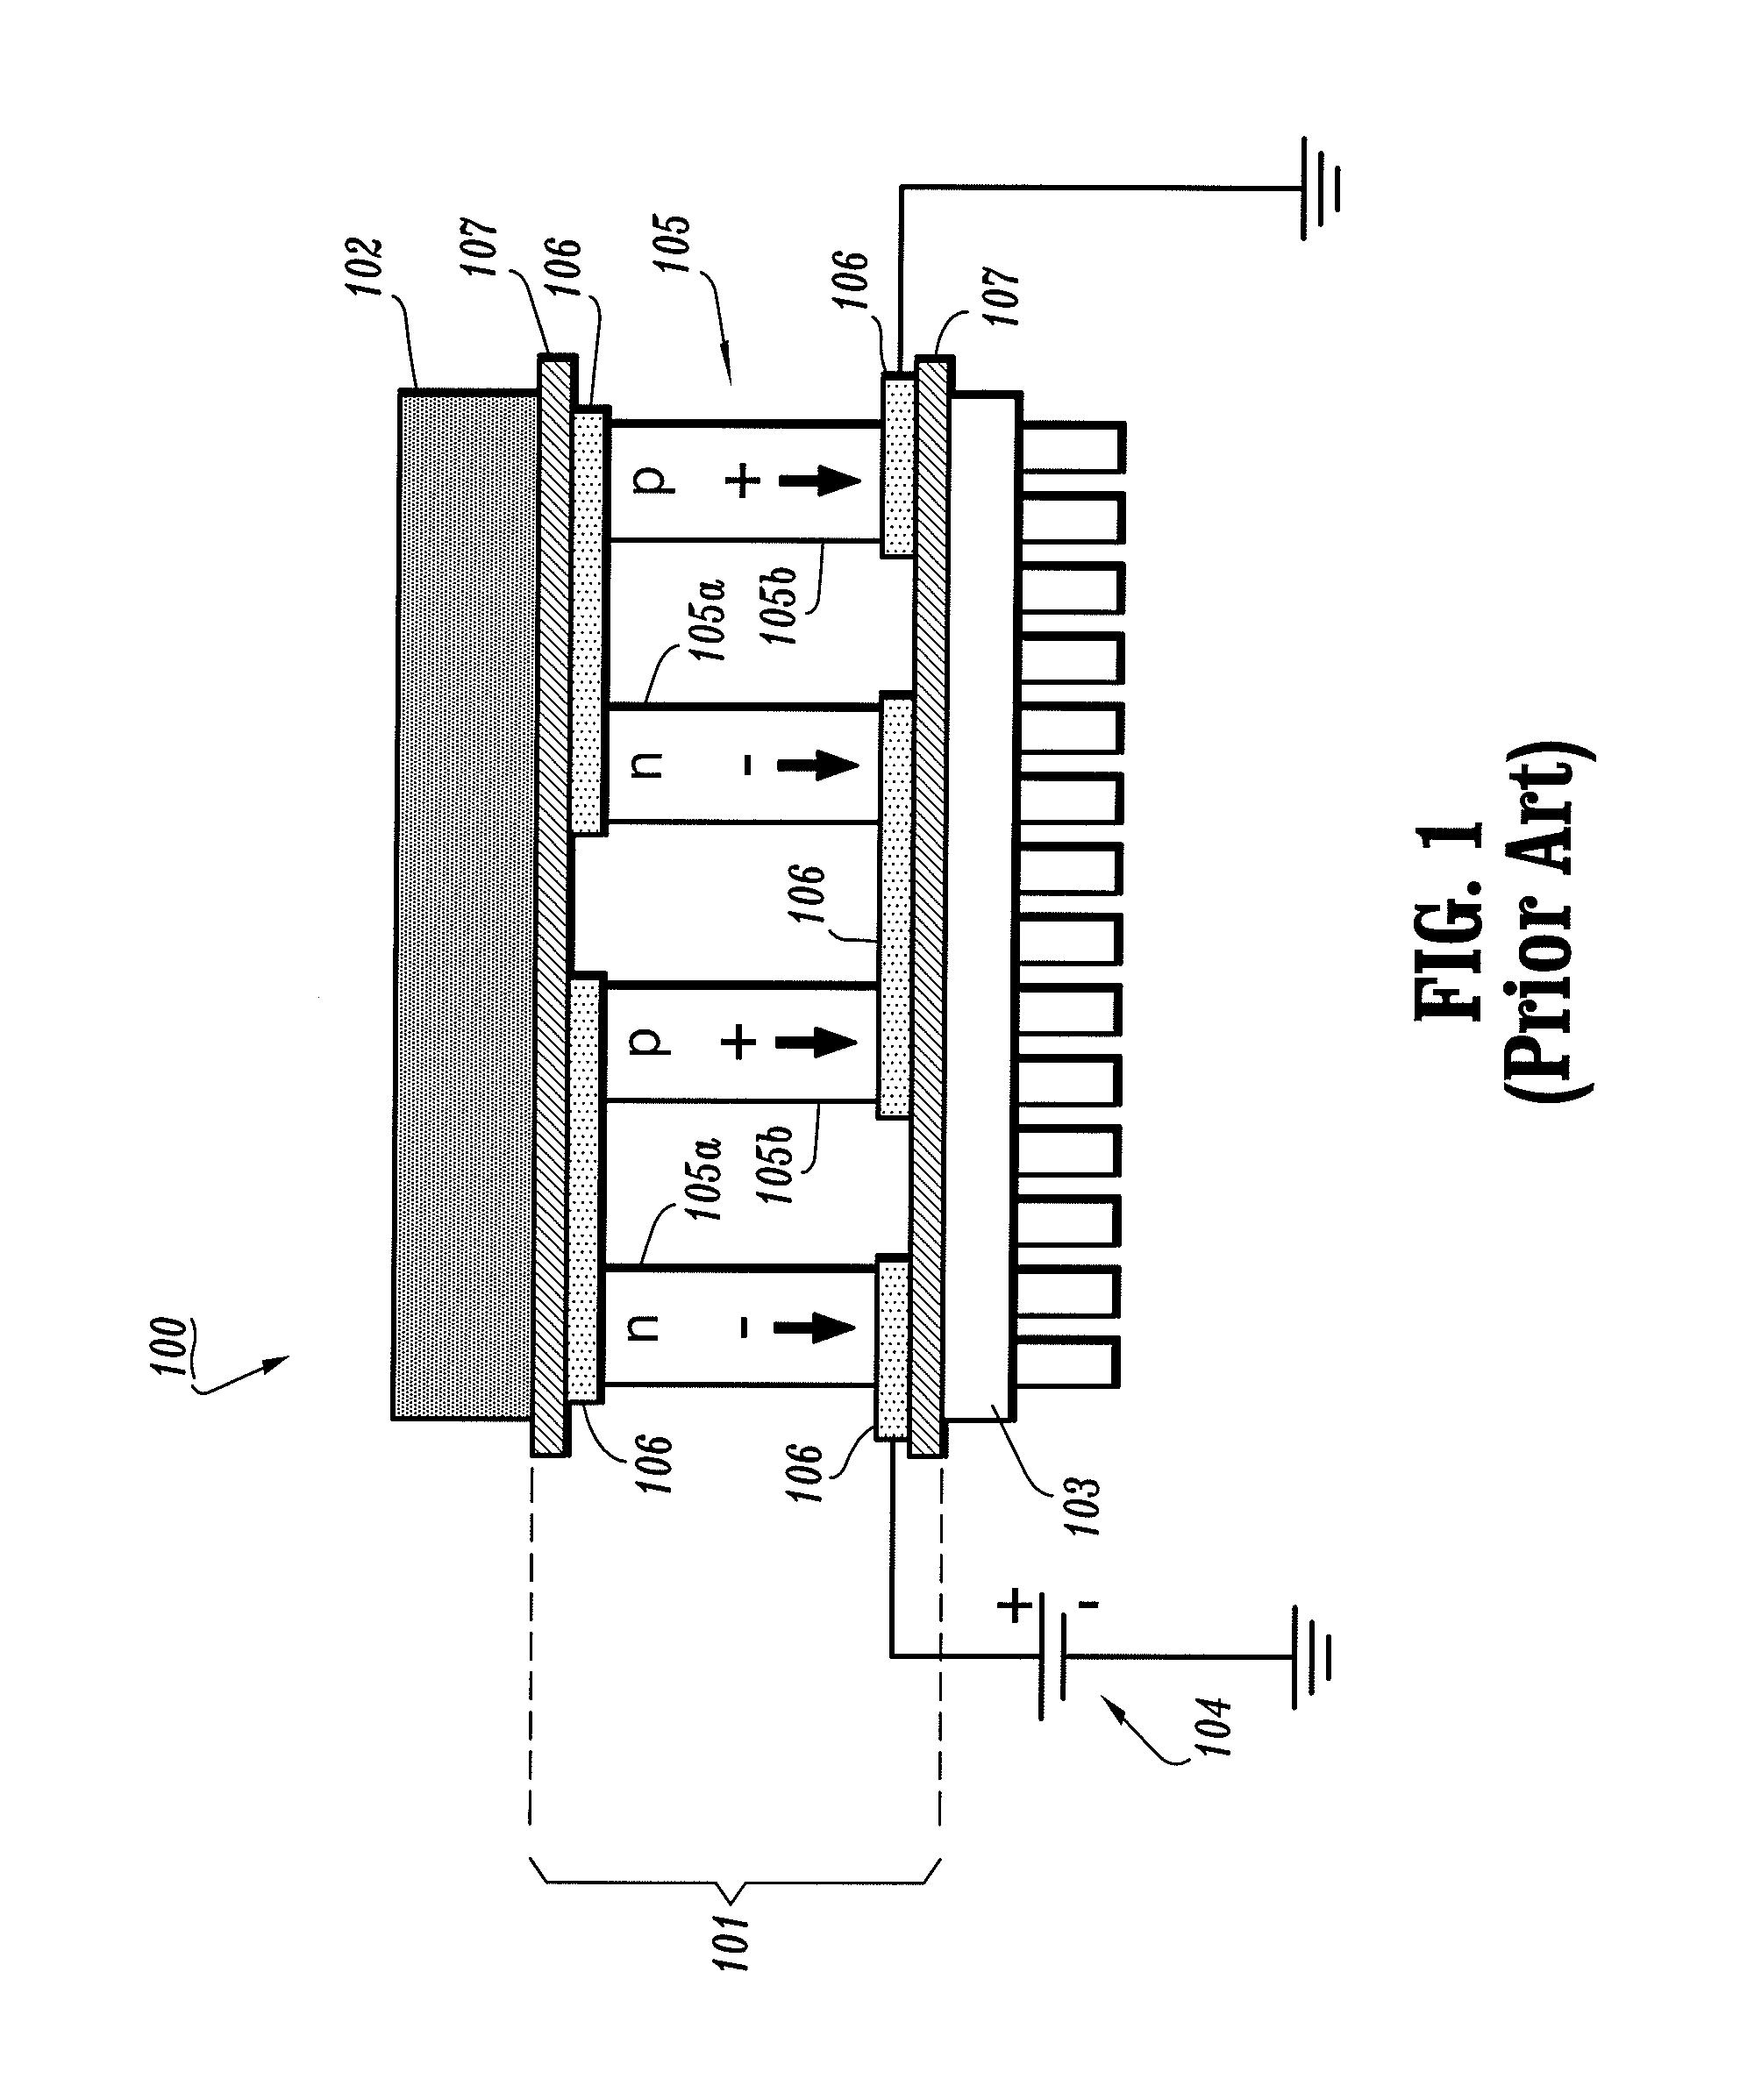 patent us8129609